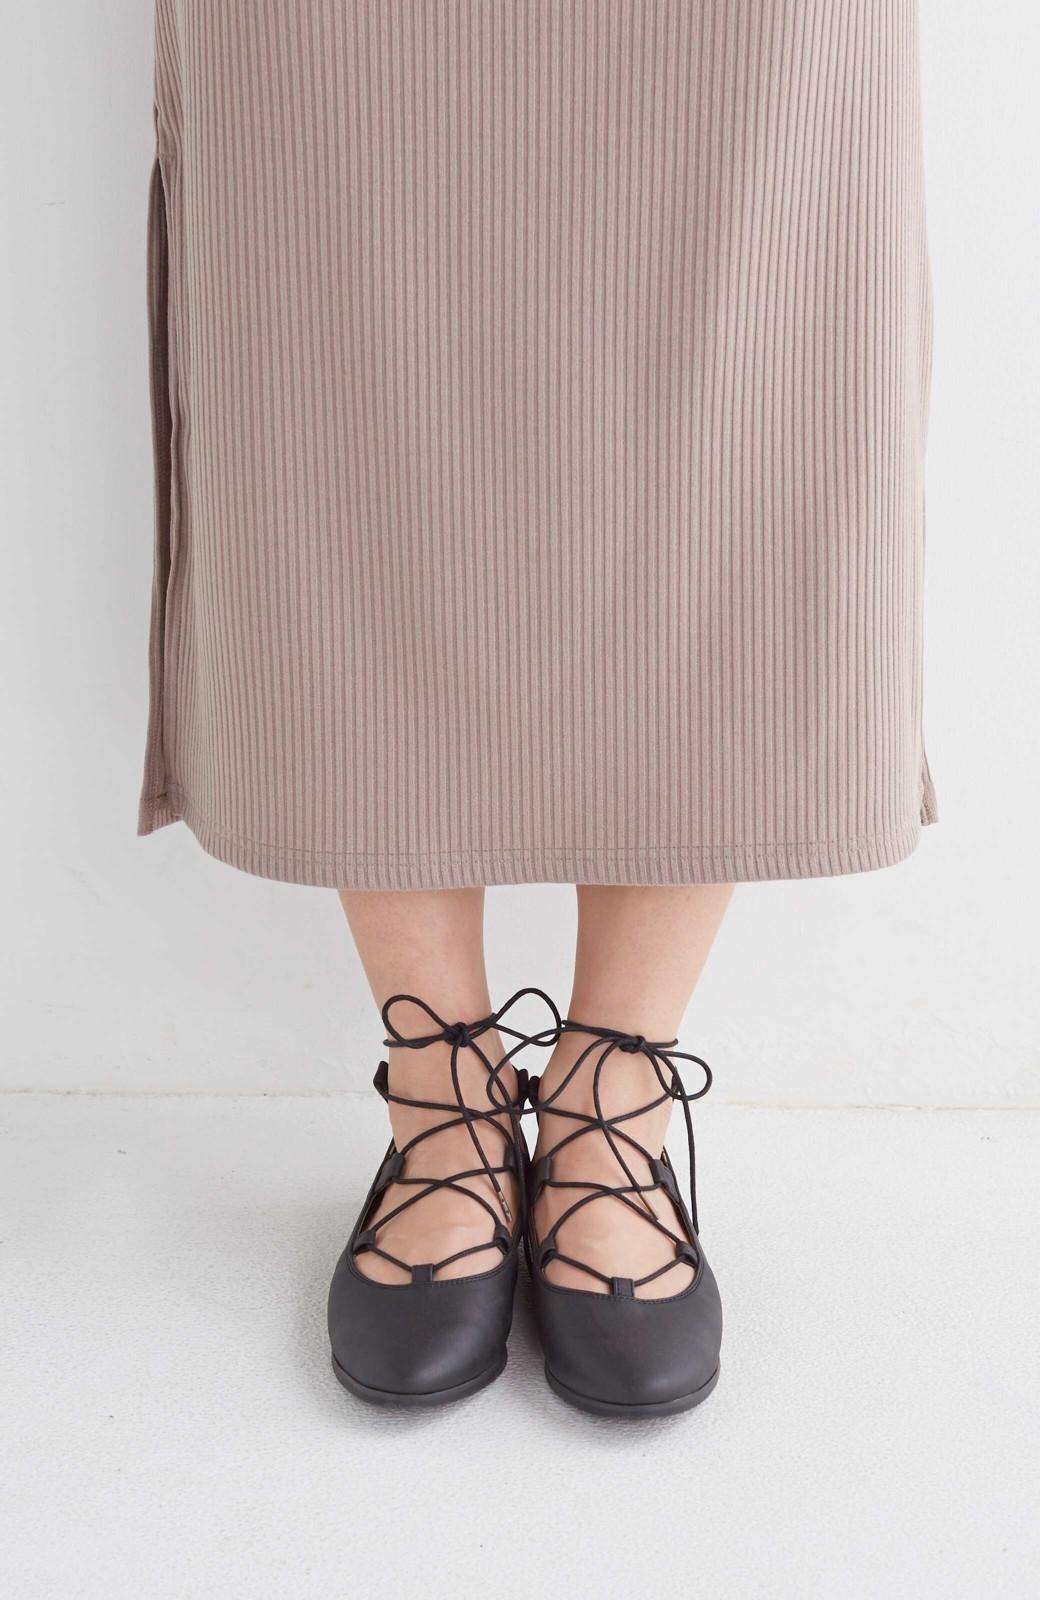 nusy 足もとポイントの編み上げパンプス <ブラック>の商品写真3